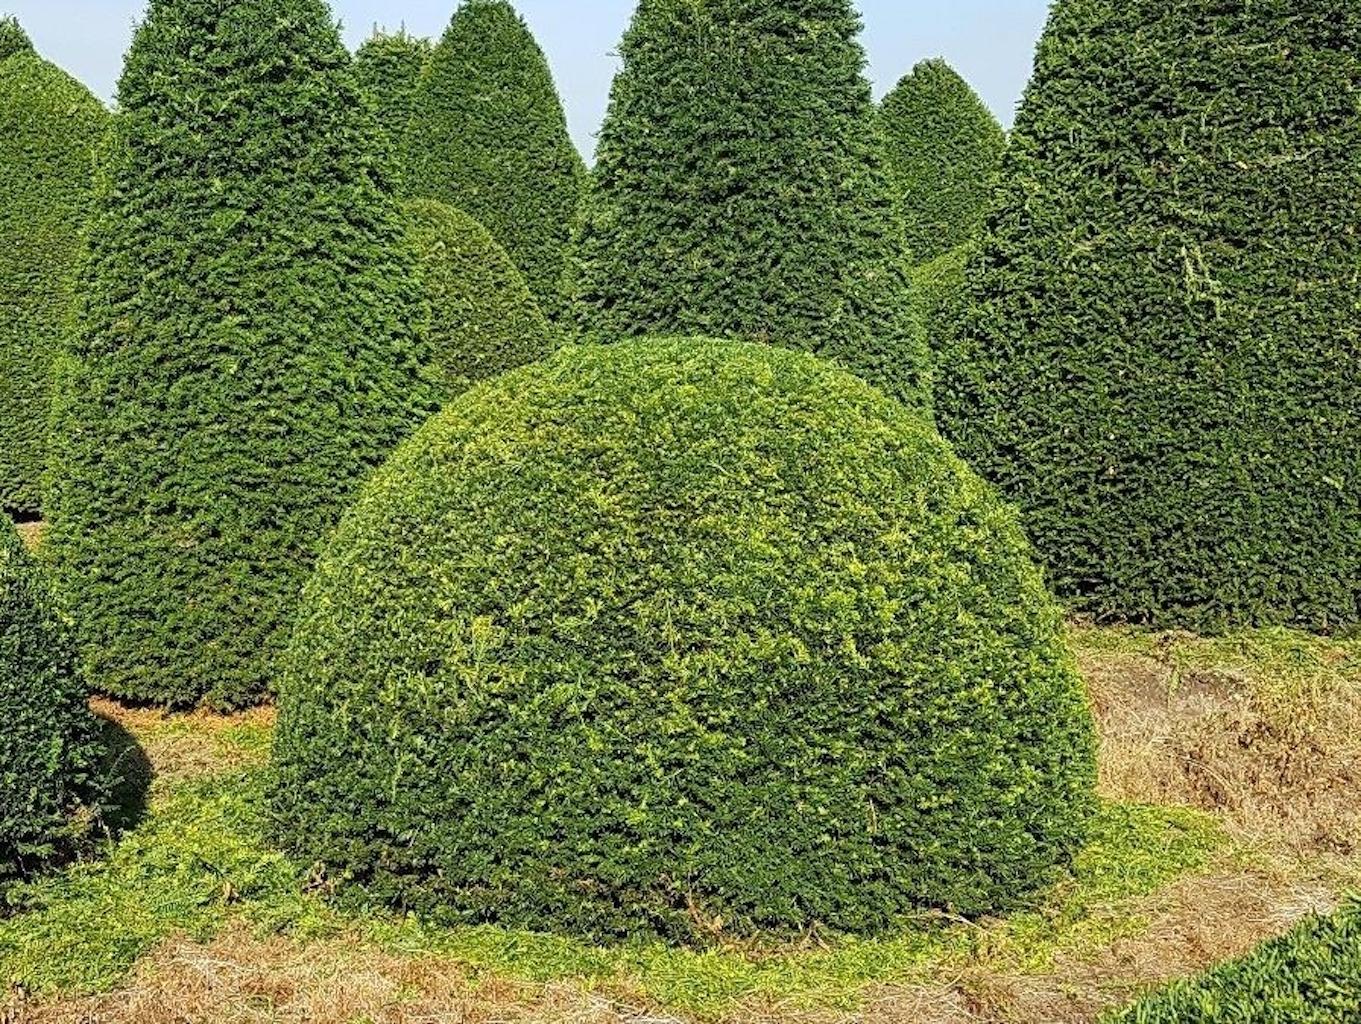 Taxus baccata (Yew) topiary ball 180-200cm diameter